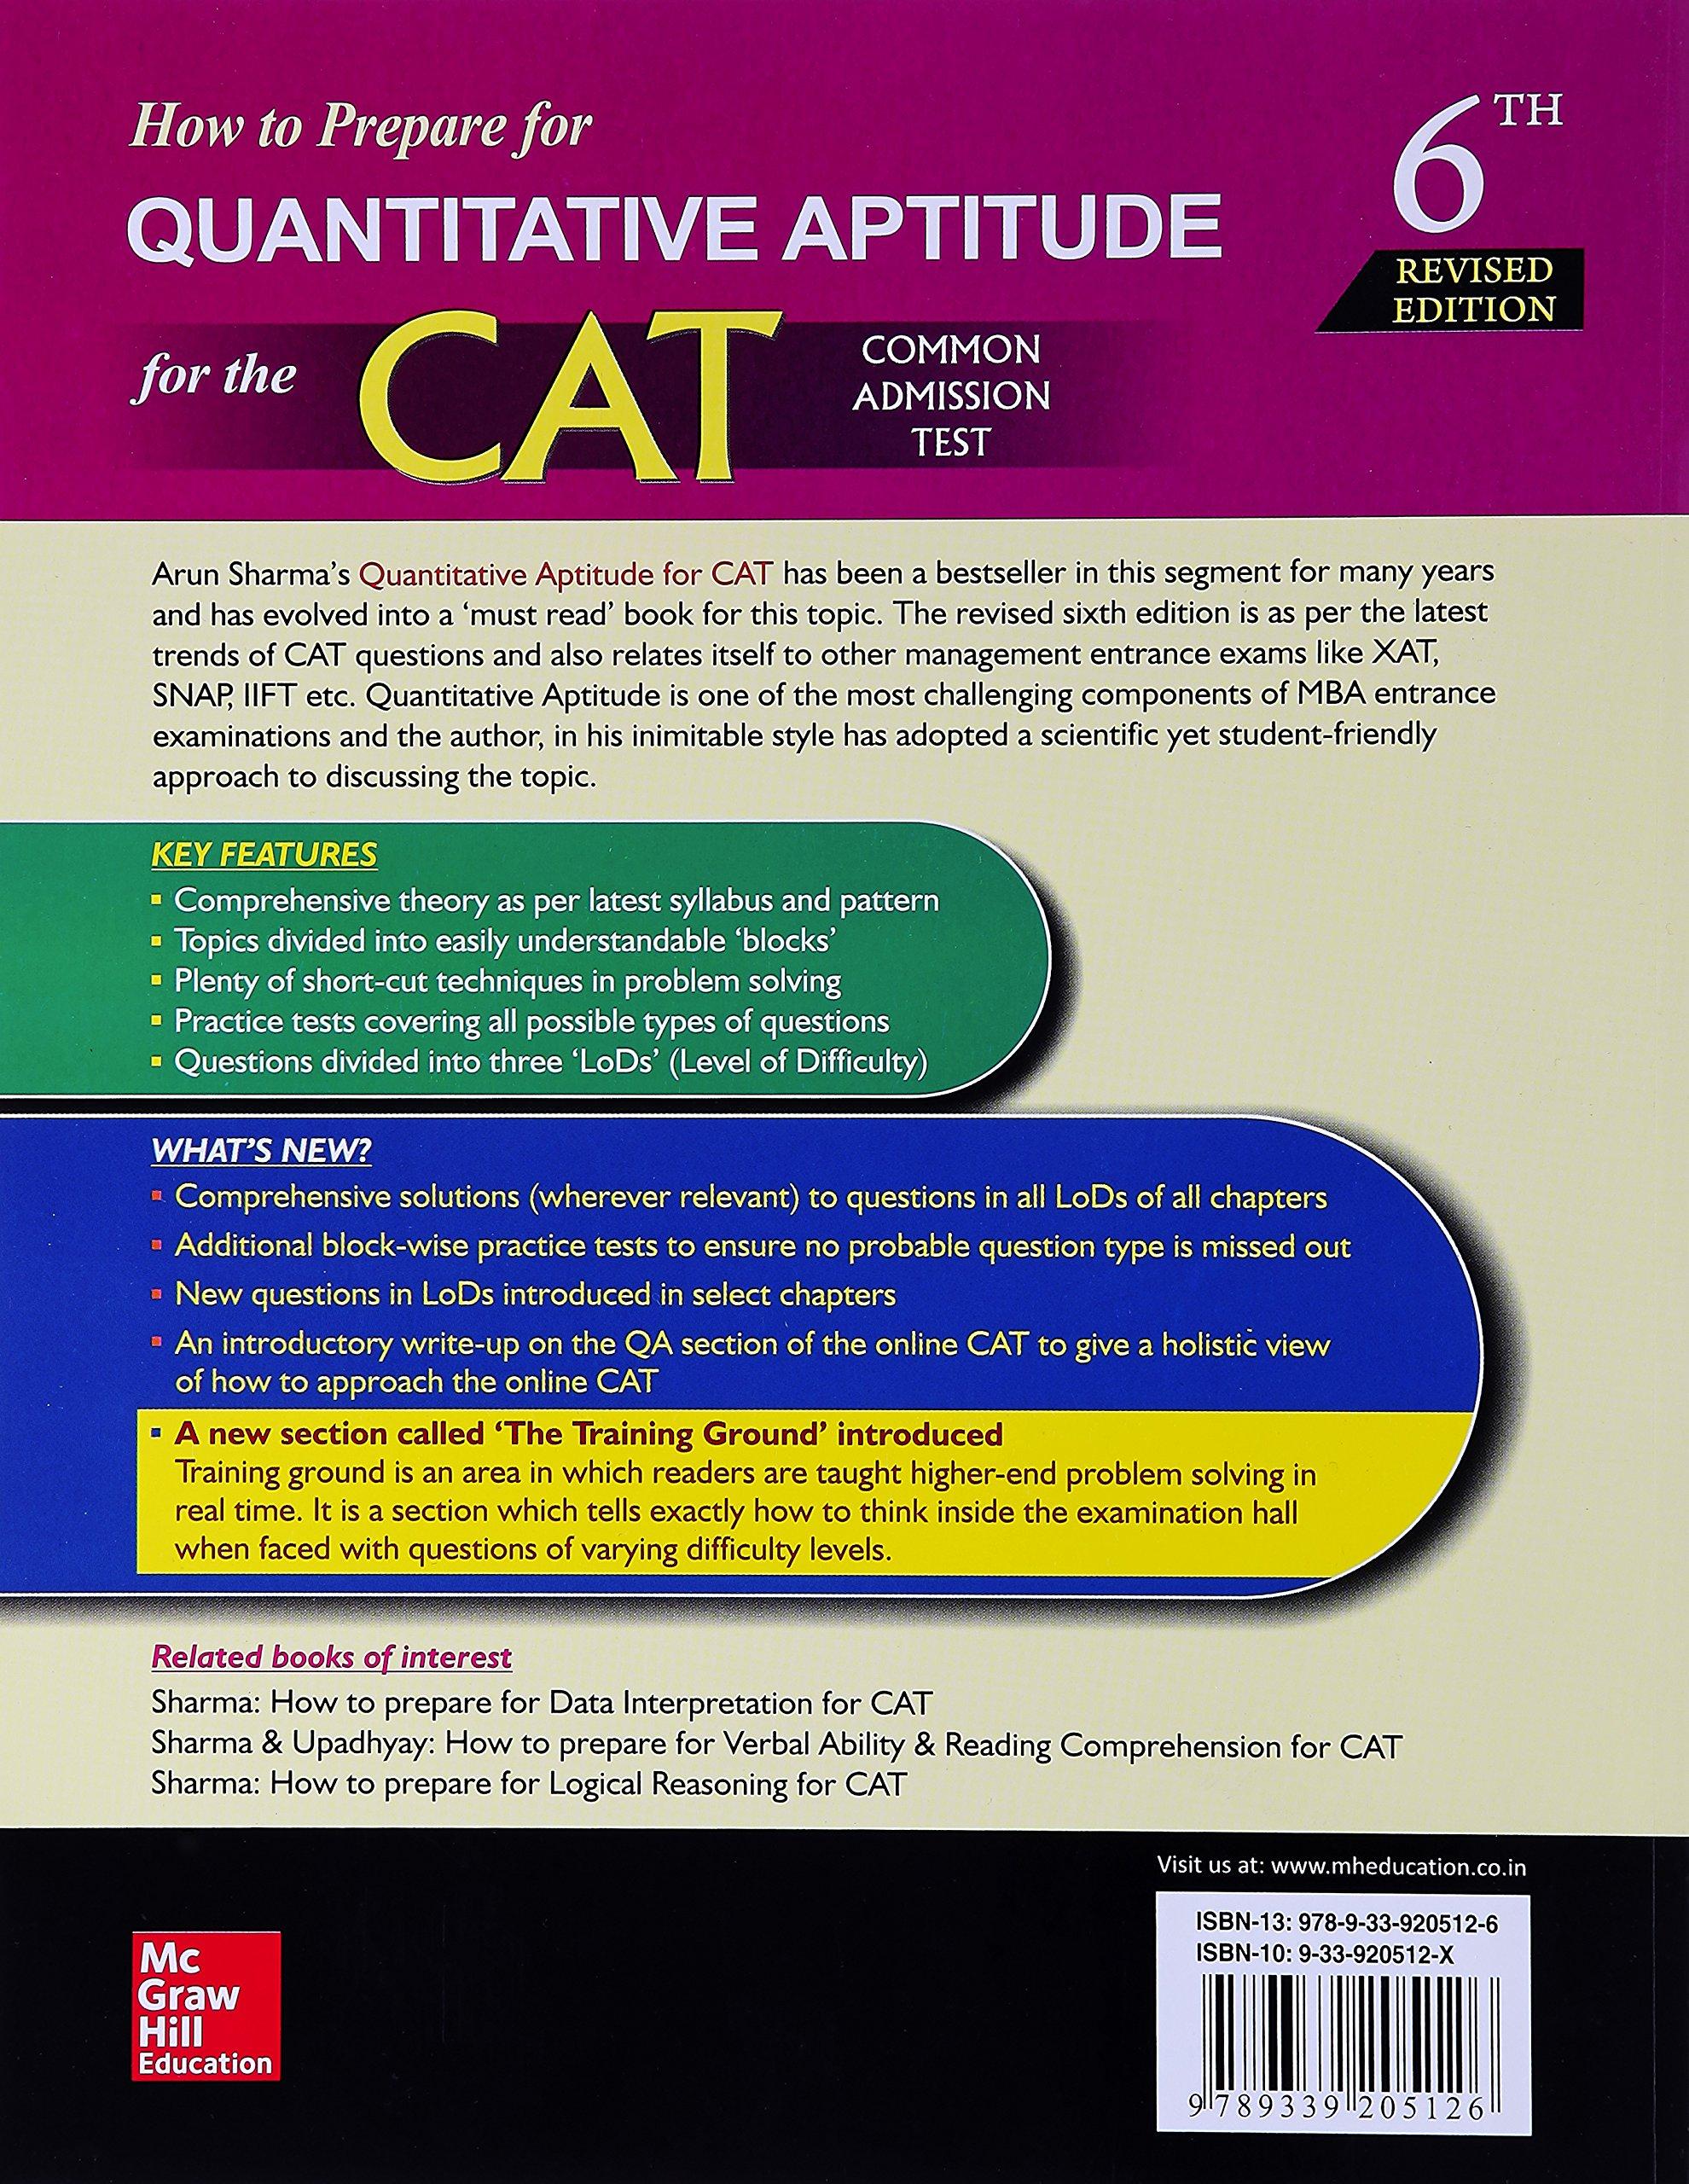 Cat aptitude books pdf for